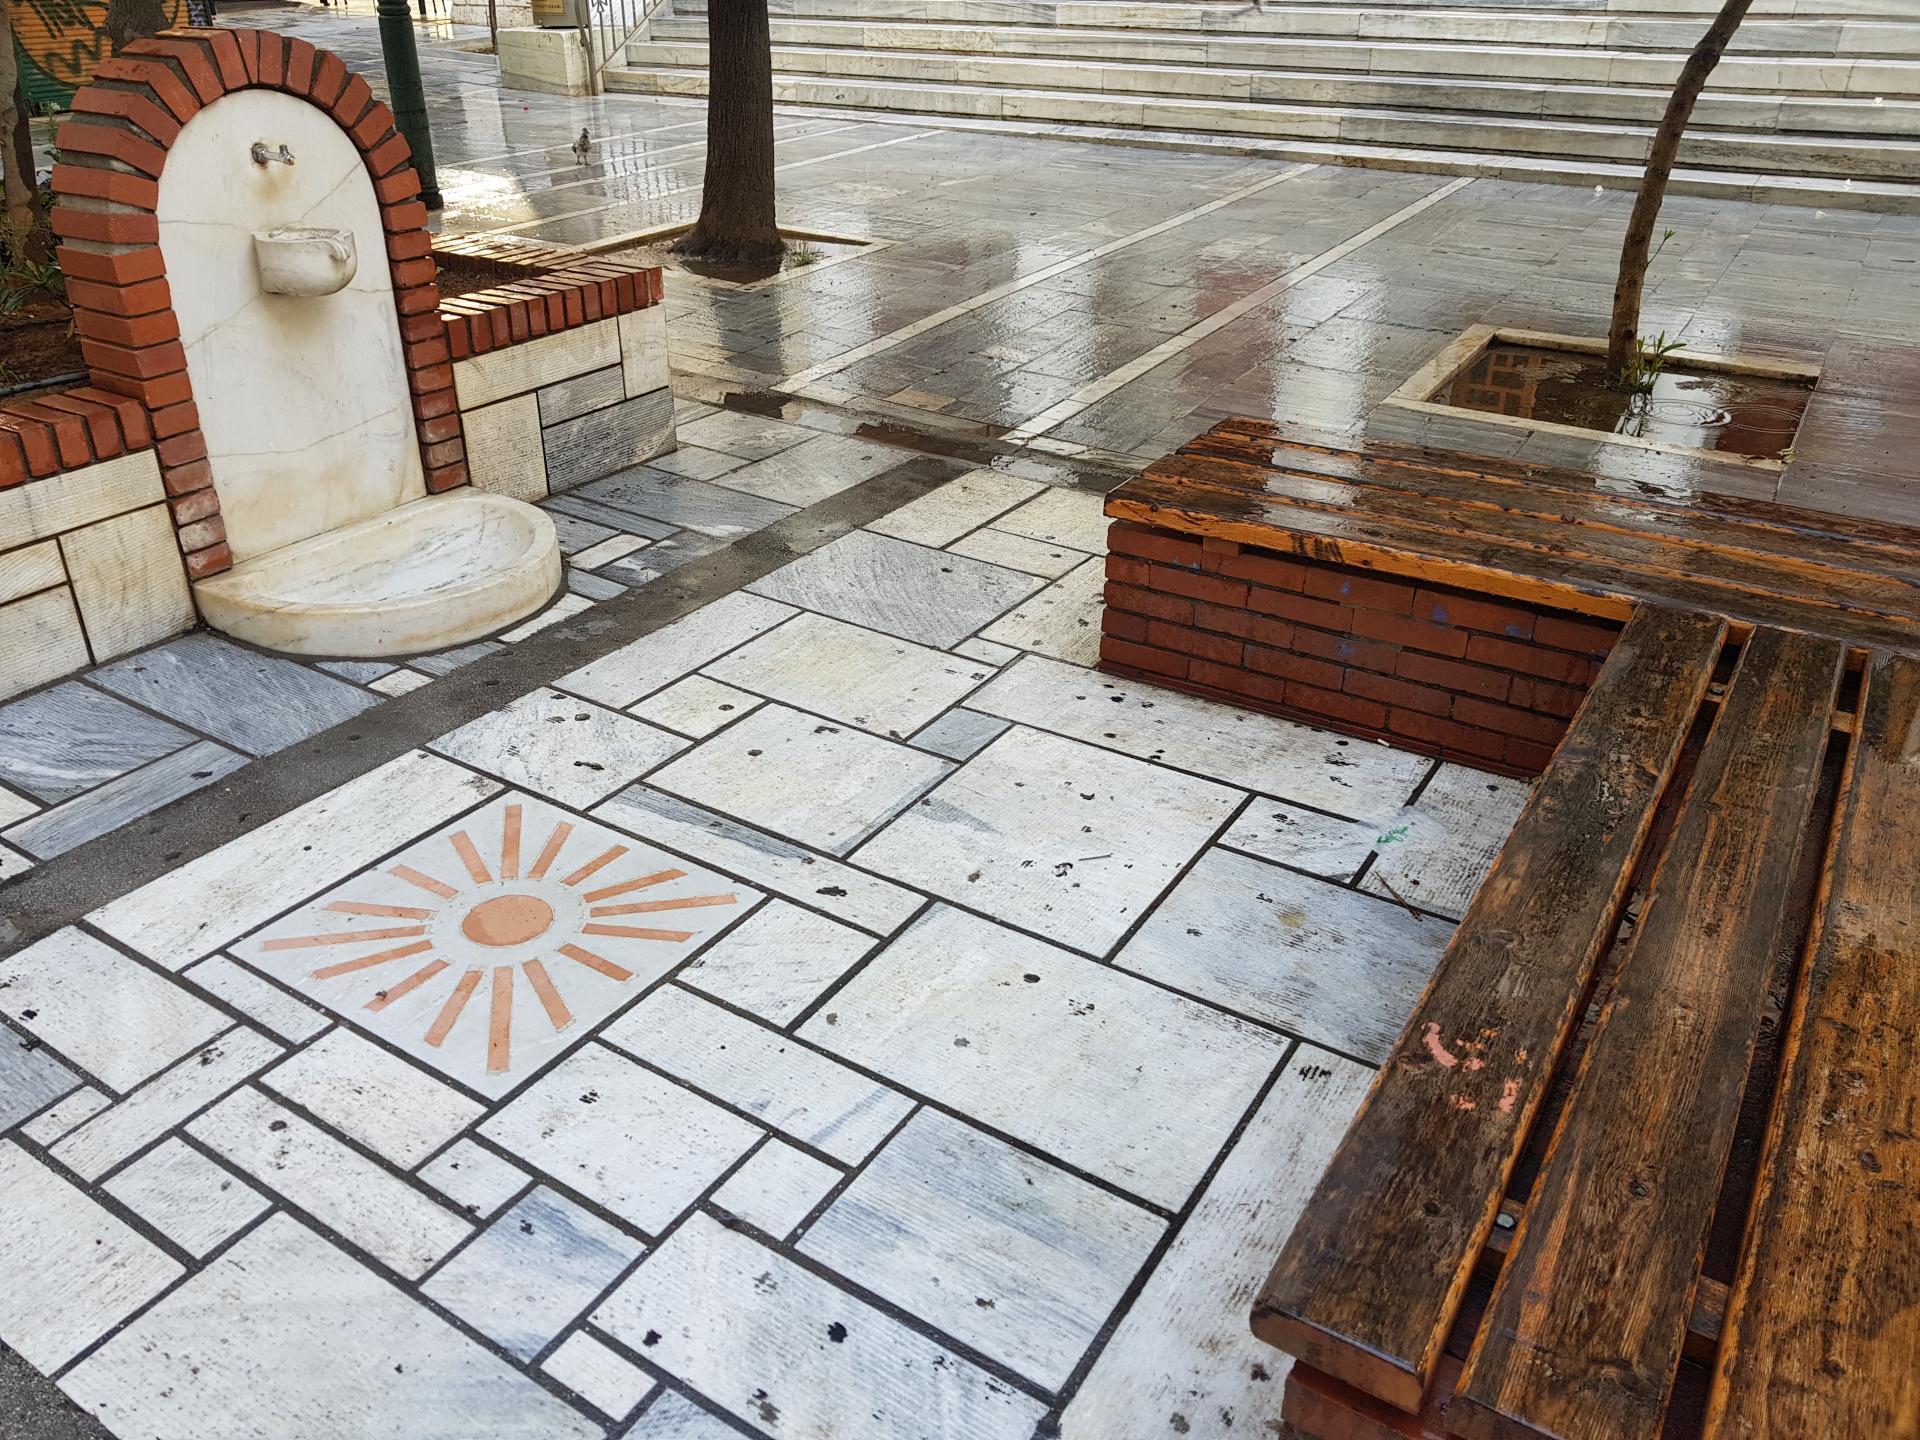 место для отдыха на улице в Афинах